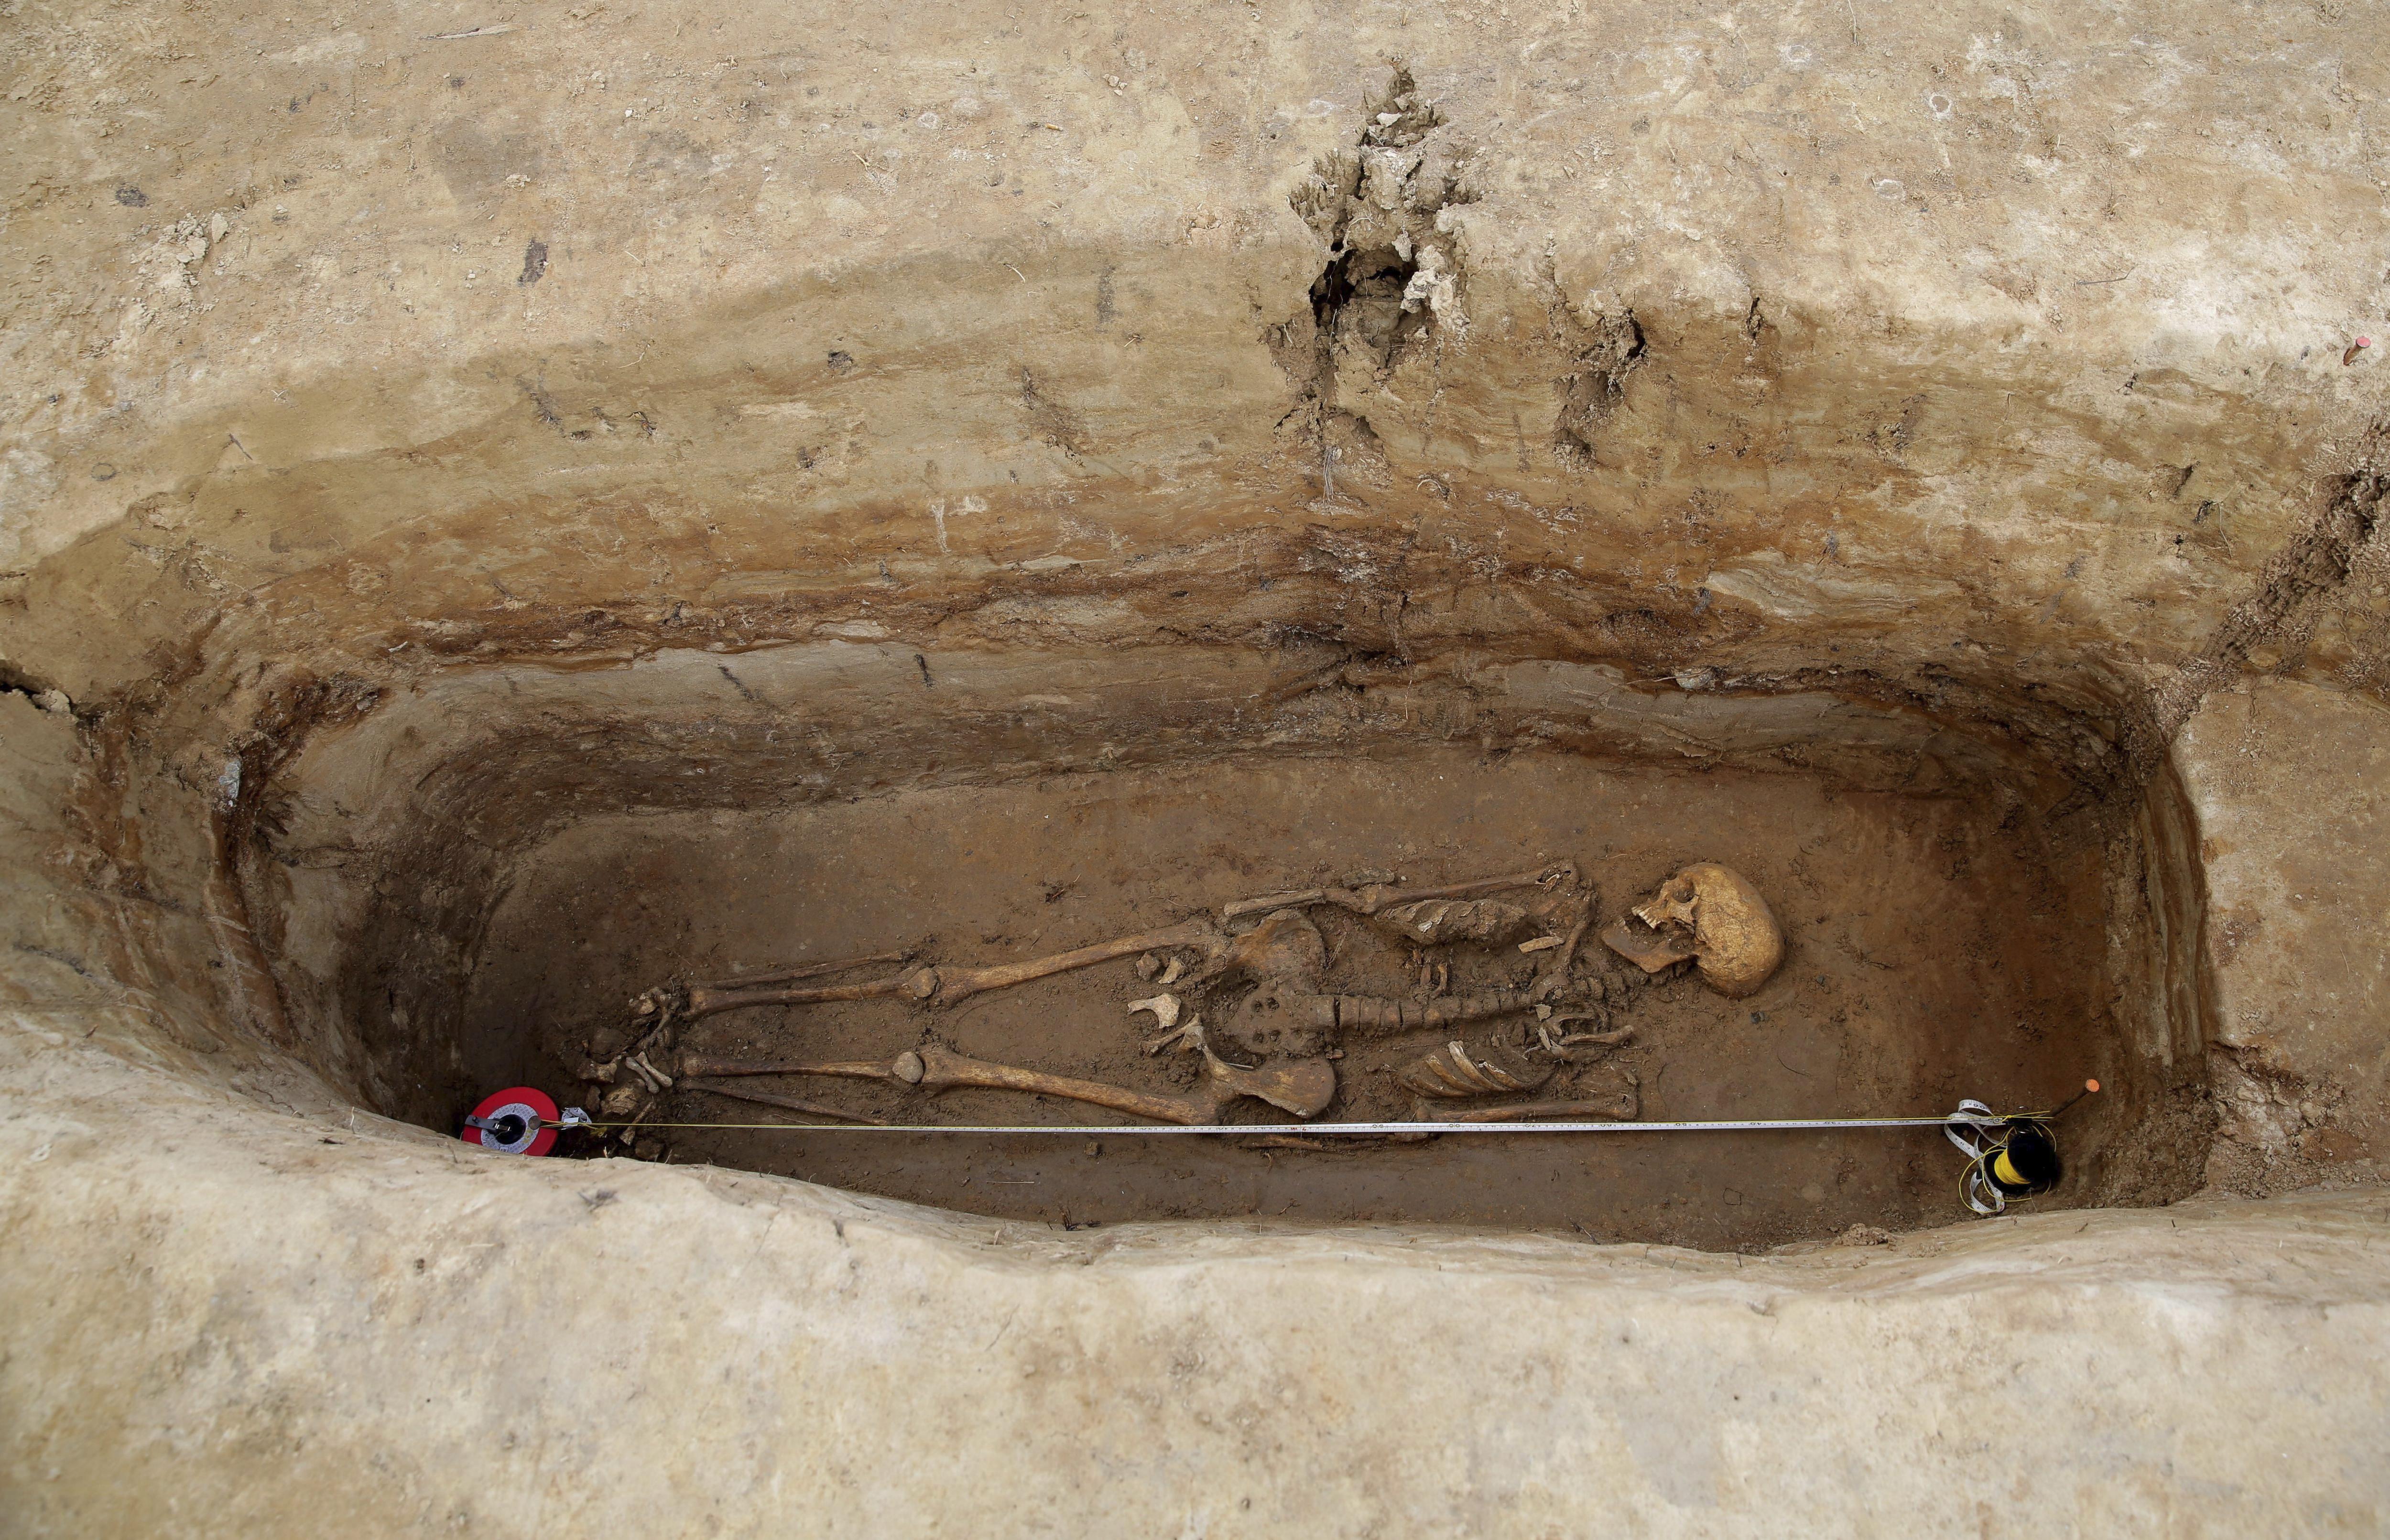 Vista d'un esquelet excavat durant una recerca arqueològica medieval, prop de Barczewo, Polònia, on els arqueòlegs han descobert restes de la primera localització medieval, anomenada 'Warmia Pompeii'./Tomasz Waszczuk